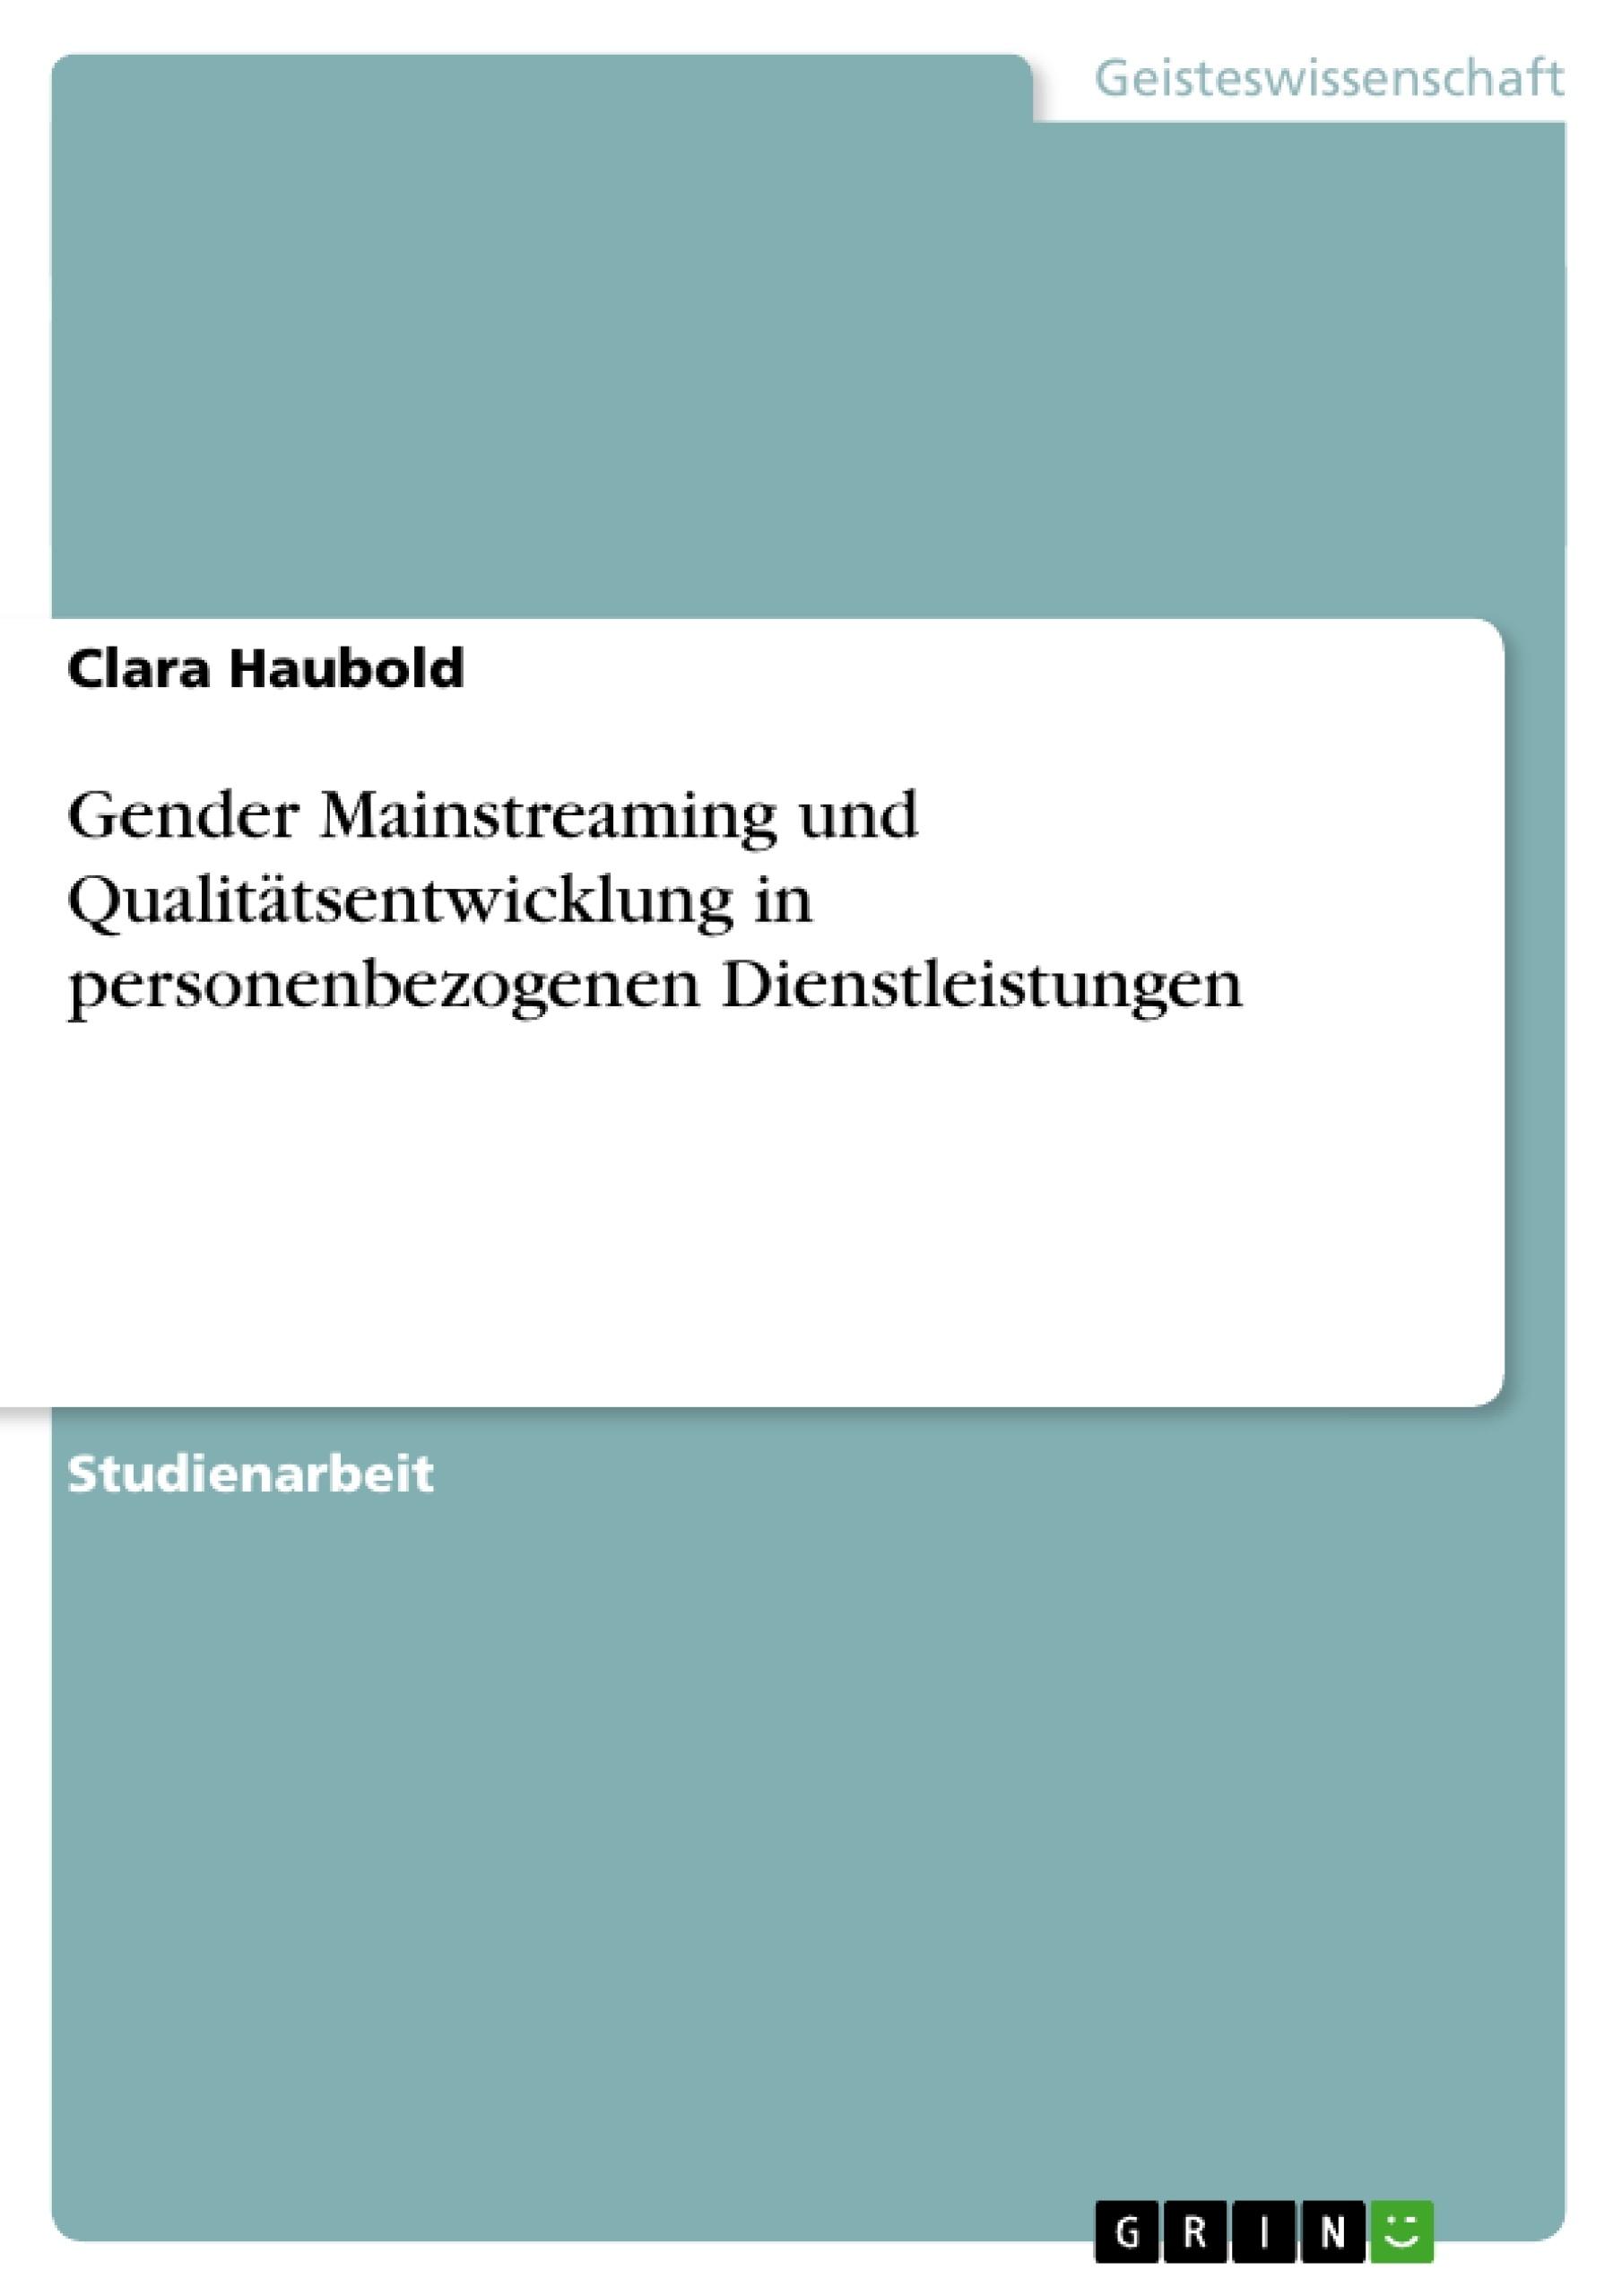 Titel: Gender Mainstreaming und Qualitätsentwicklung in  personenbezogenen Dienstleistungen